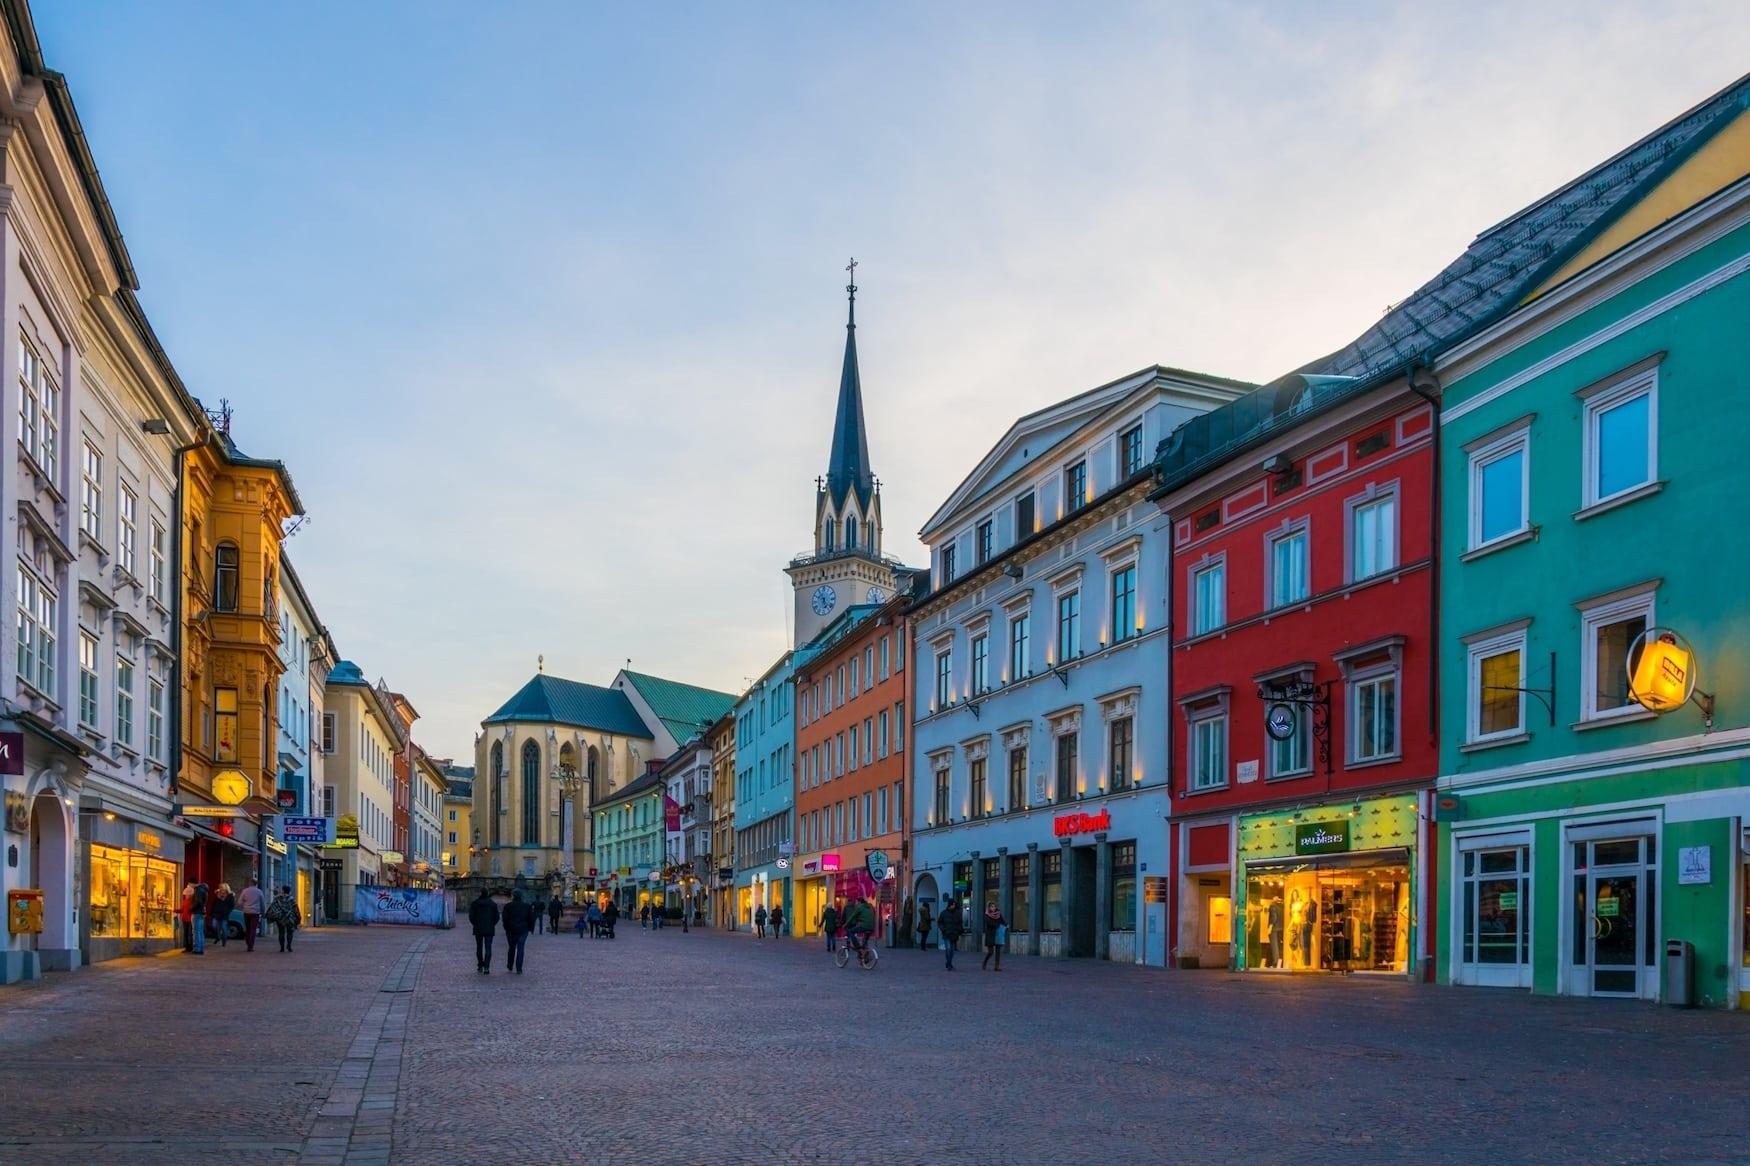 Bunte Häuserfassaden in Altstadt von Villach